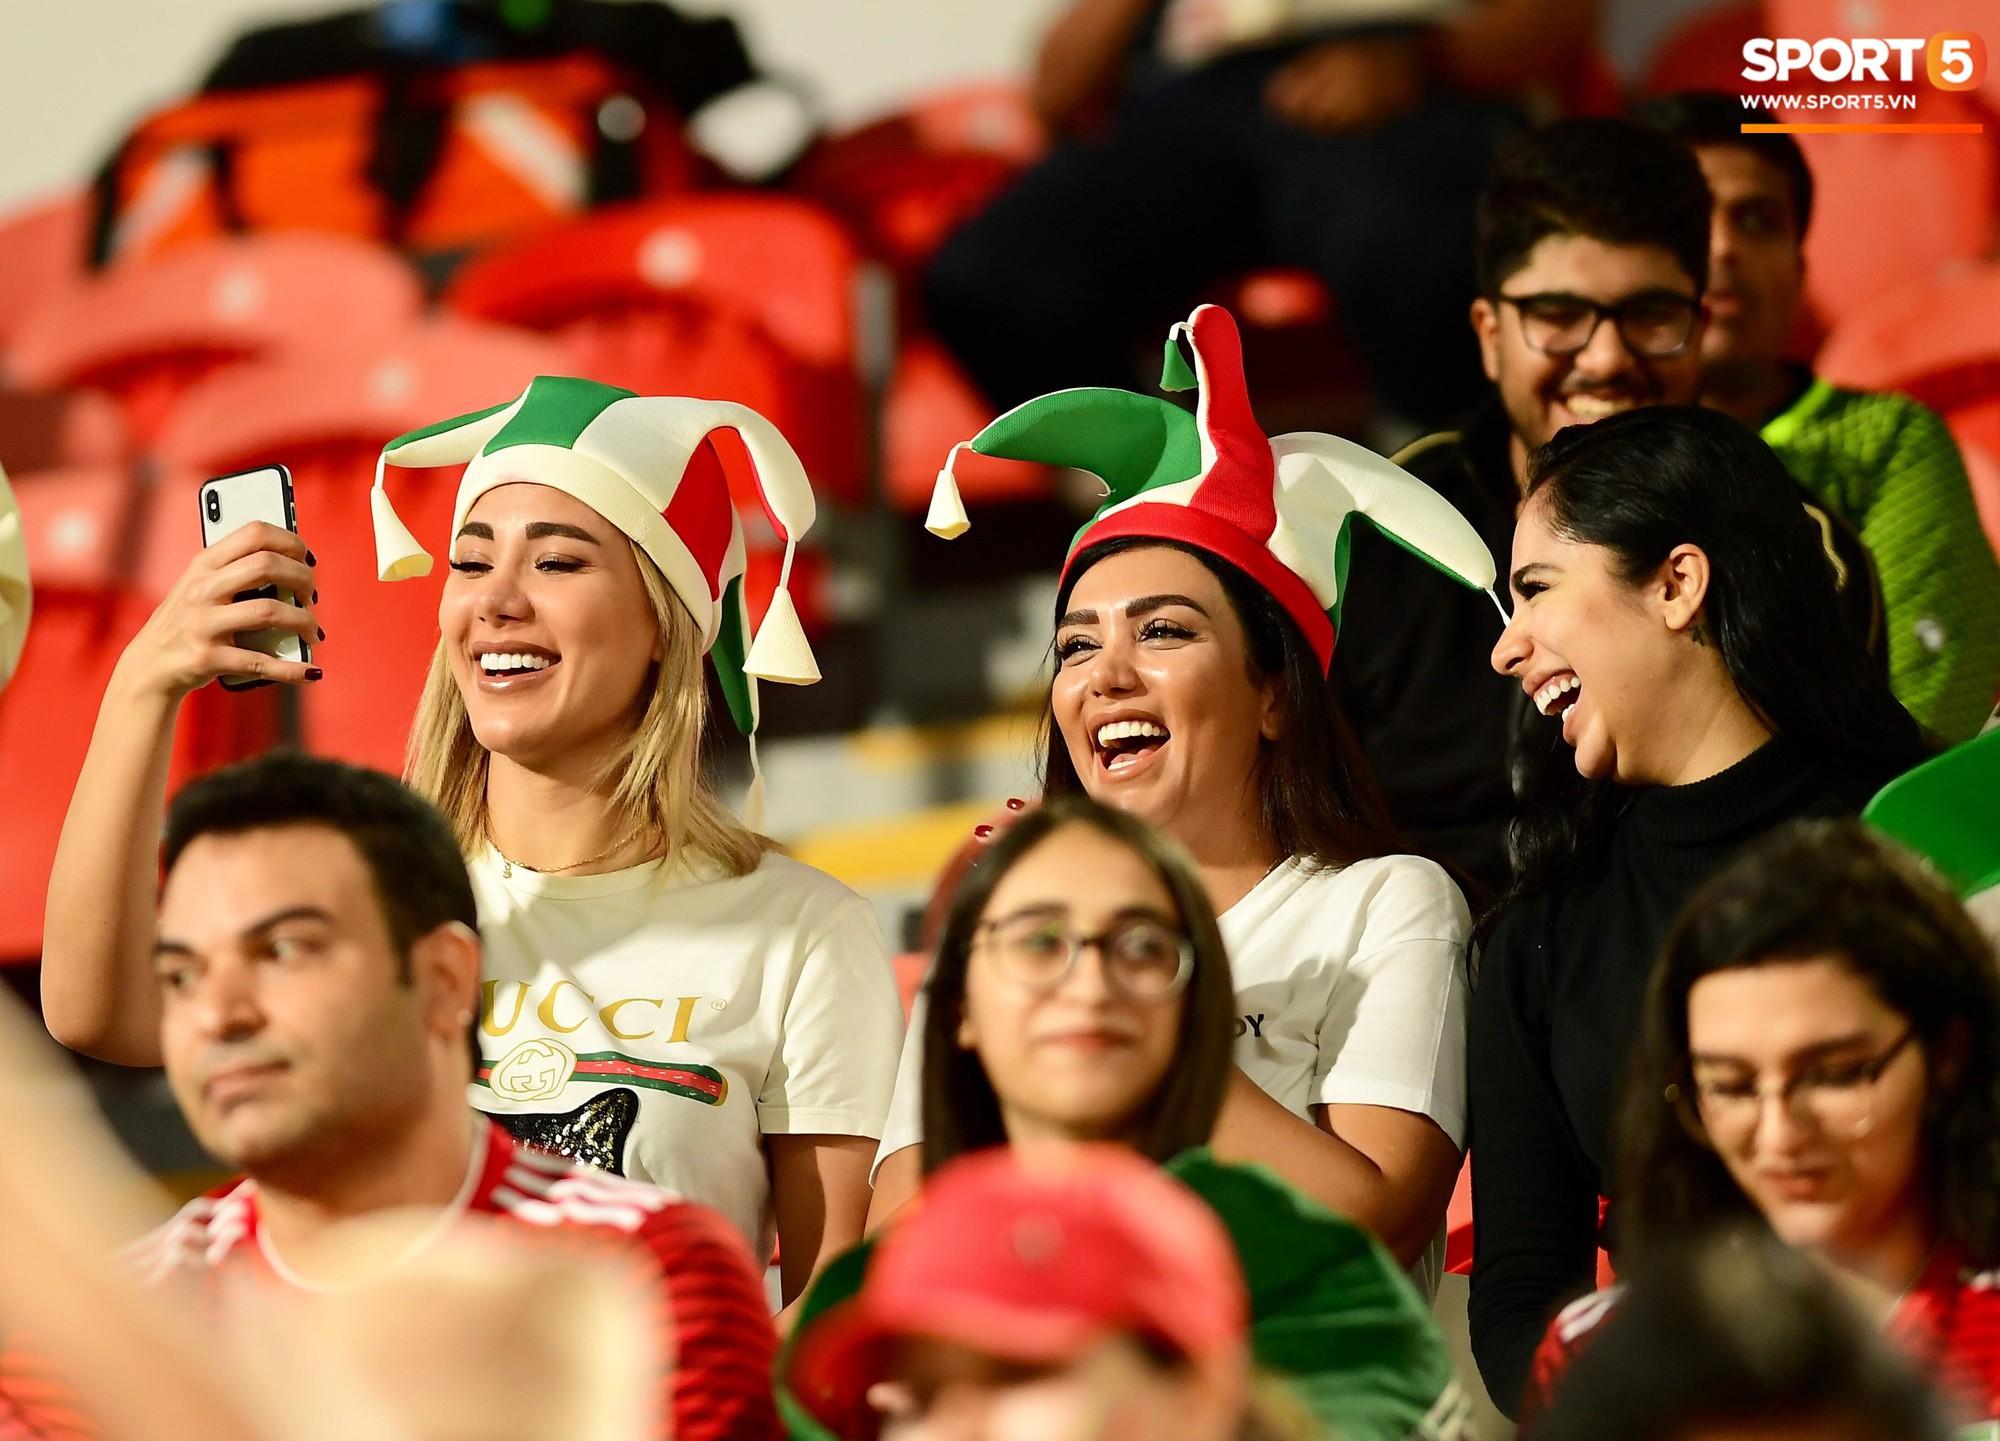 Ngất ngây với vẻ đẹp của fangirl Iran trong ngày đội nhà giành chiến thắng đậm trước Yemen - Ảnh 4.